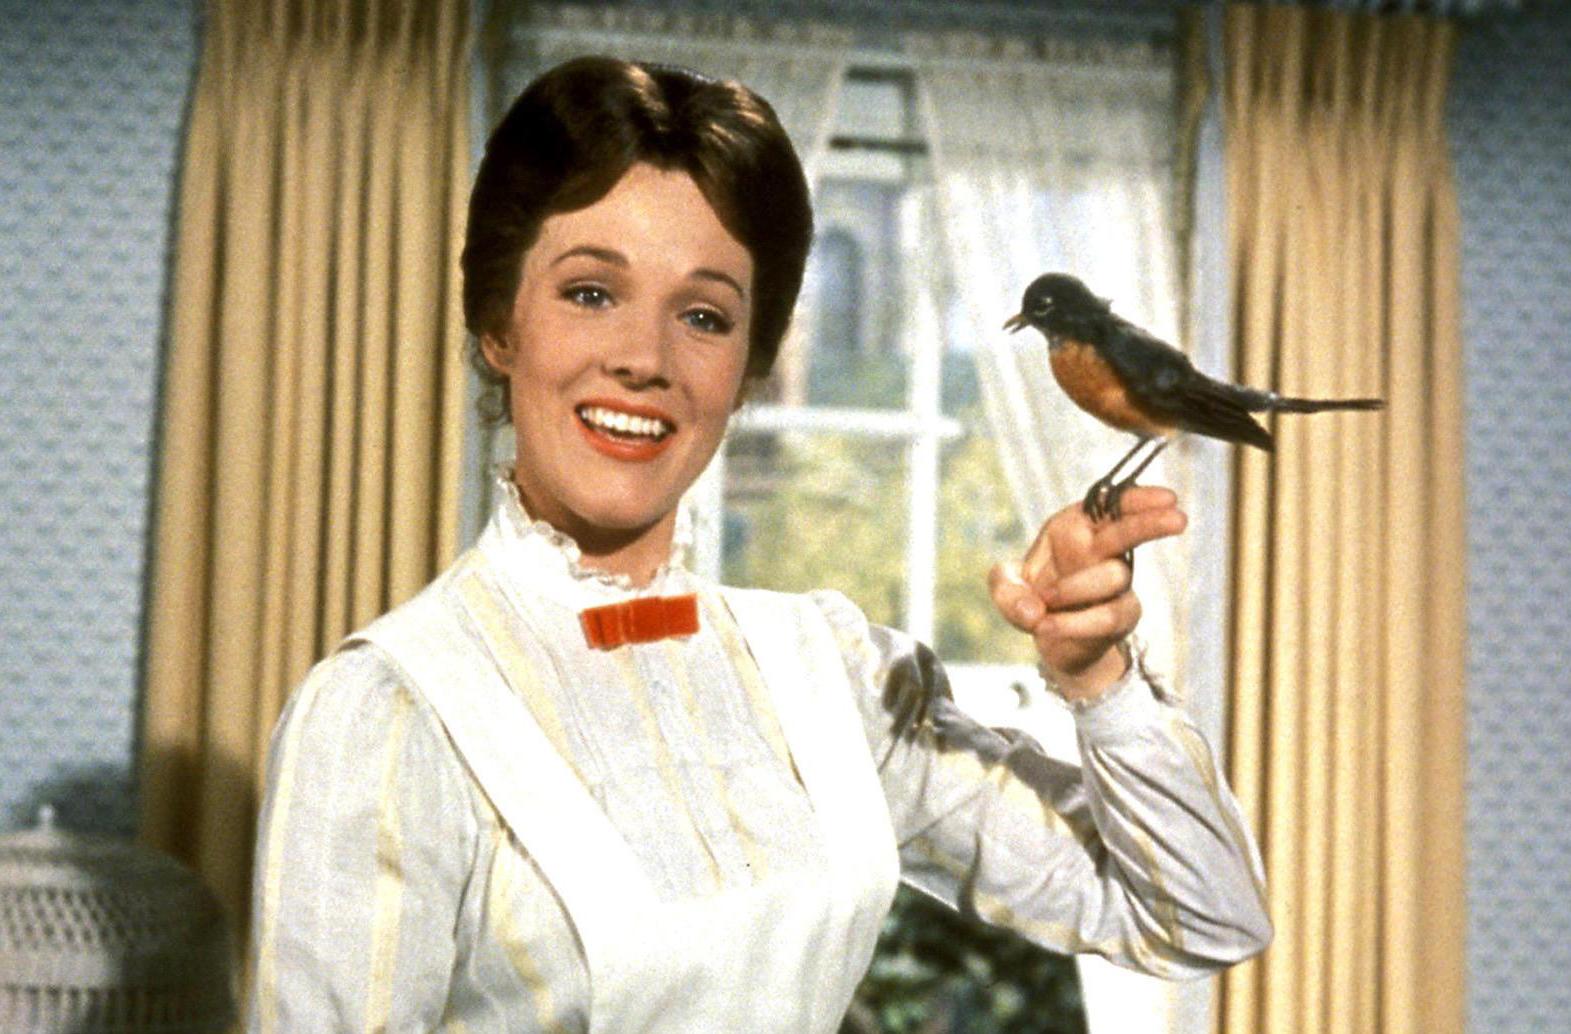 Le Retour de Mary Poppins - Première bande-annonce (VF) I ...